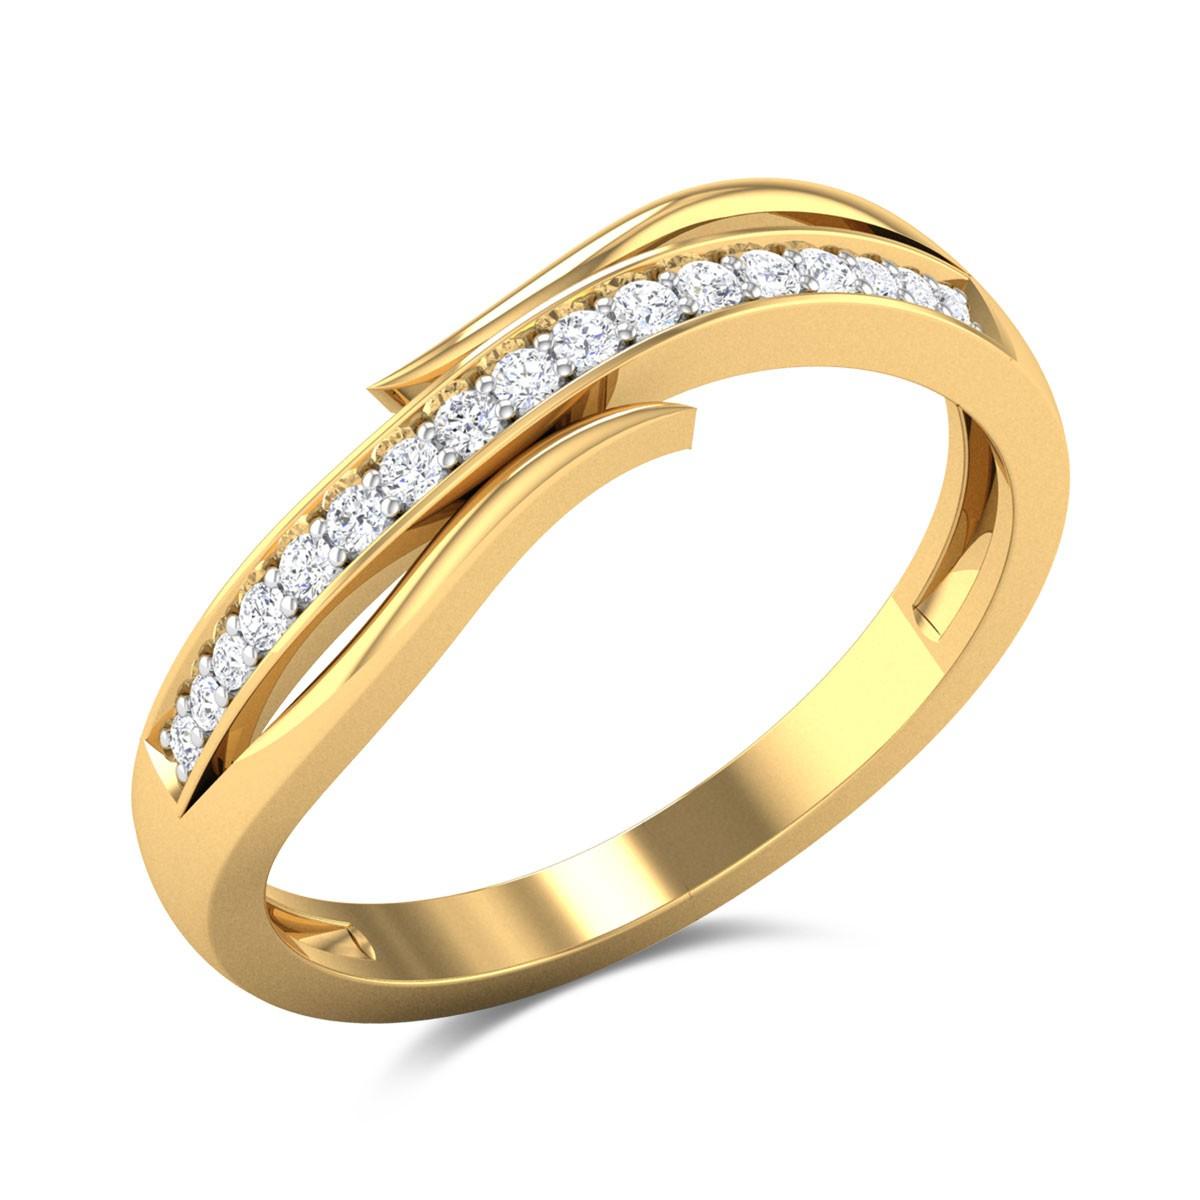 Florance Diamond Ring